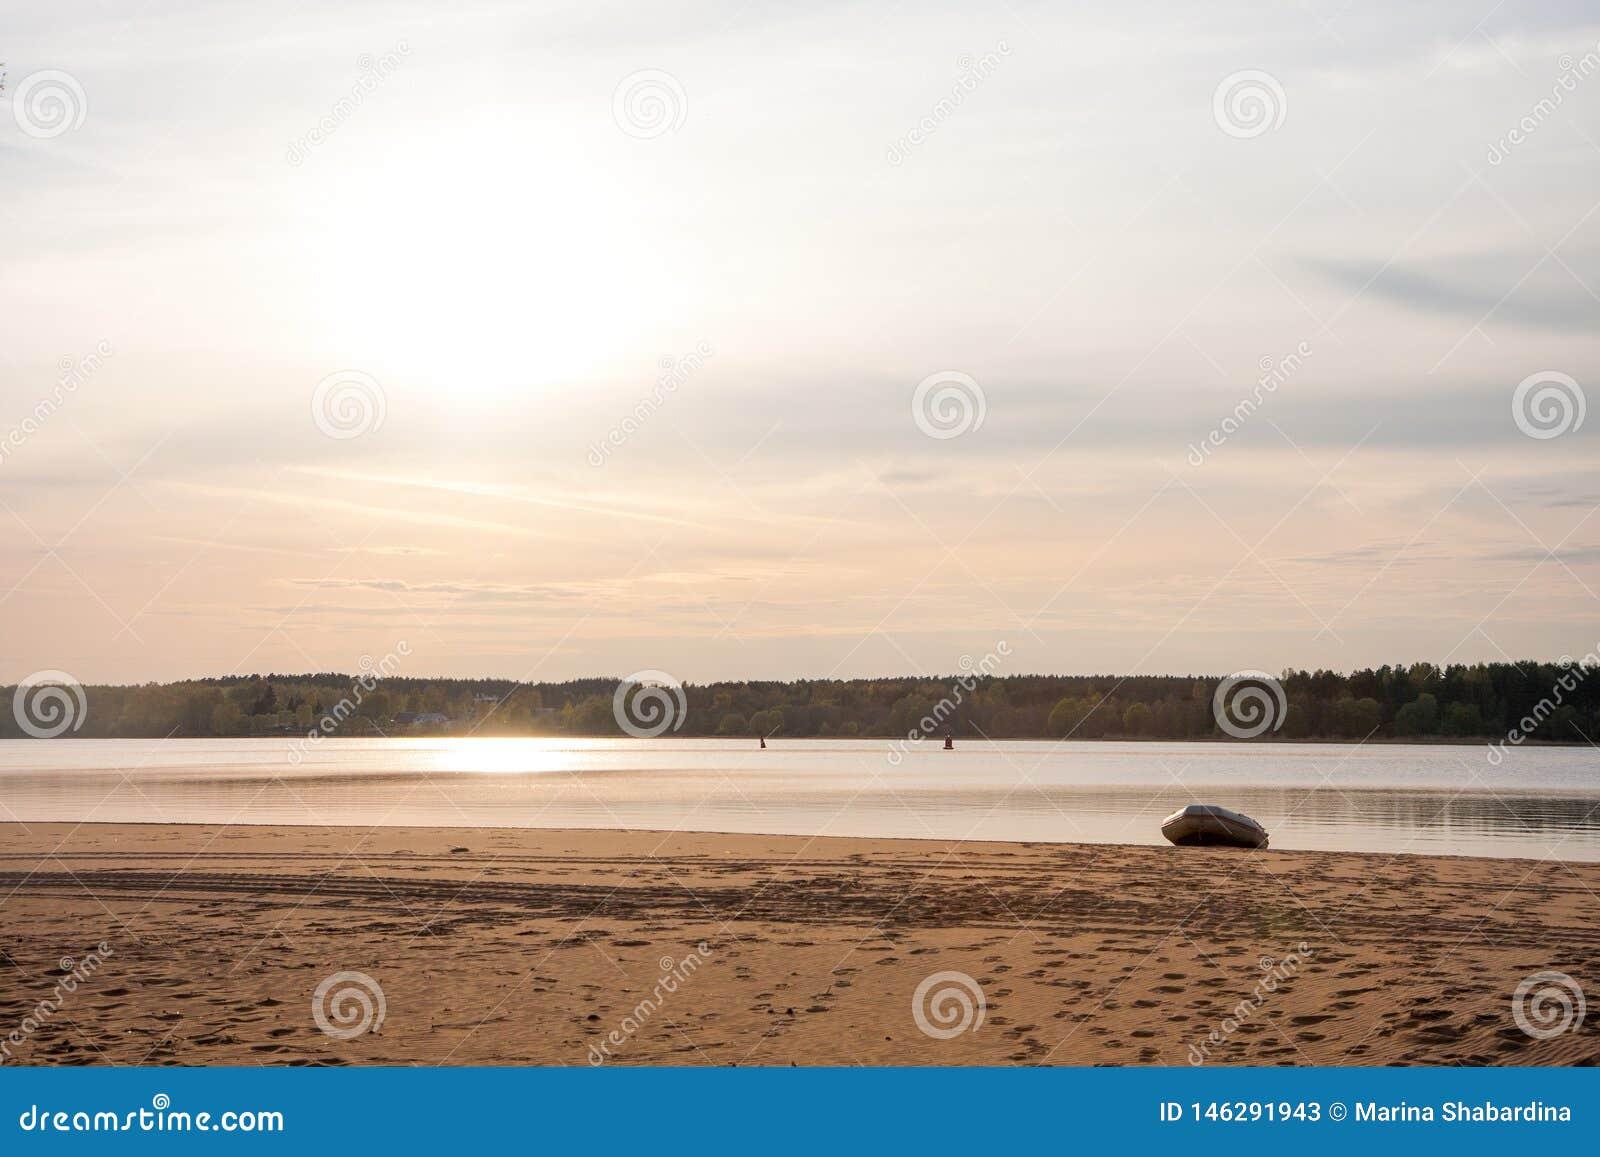 Céu bonito do por do sol pela praia com barco amarrado, Rússia - Volga